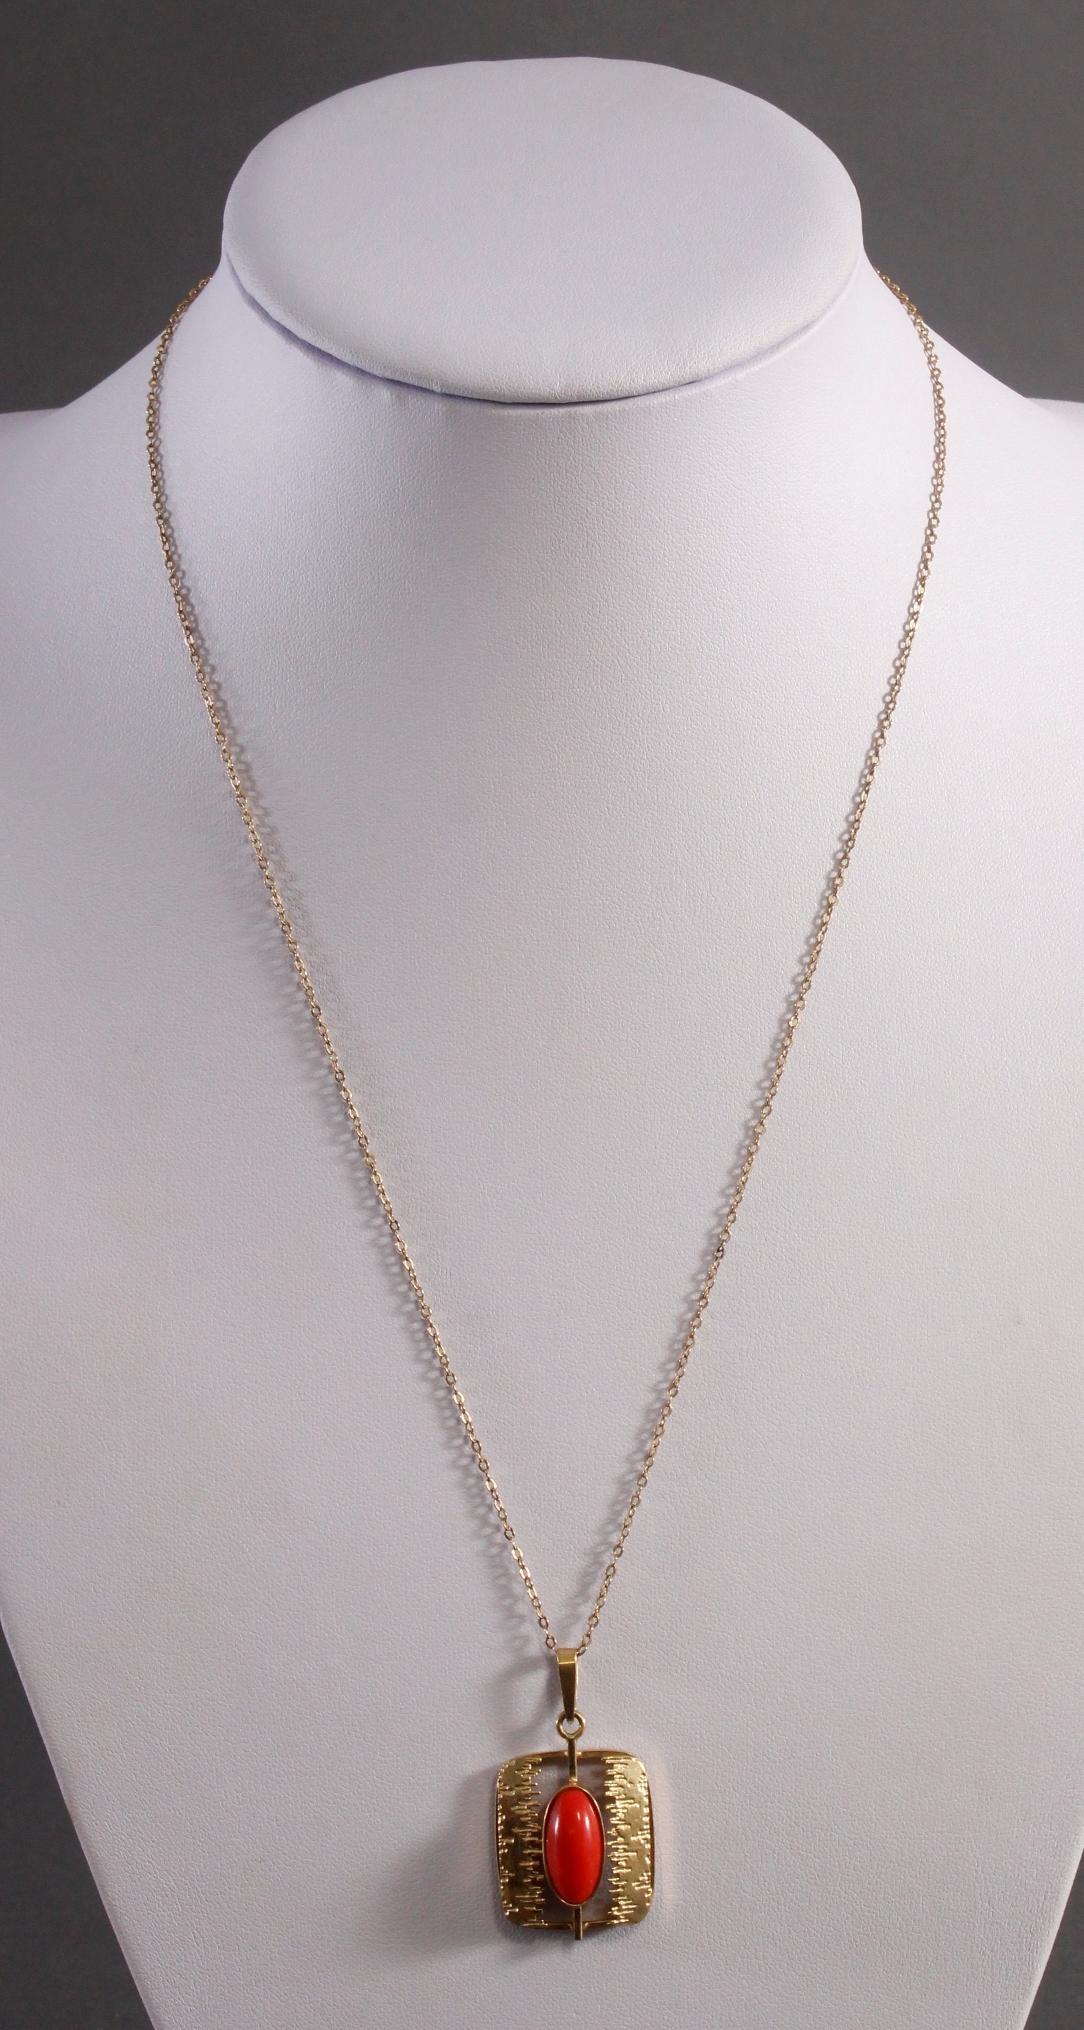 Halskette mit Anhänger und rotem Korallencabochon, 8 Karat Gelbgold